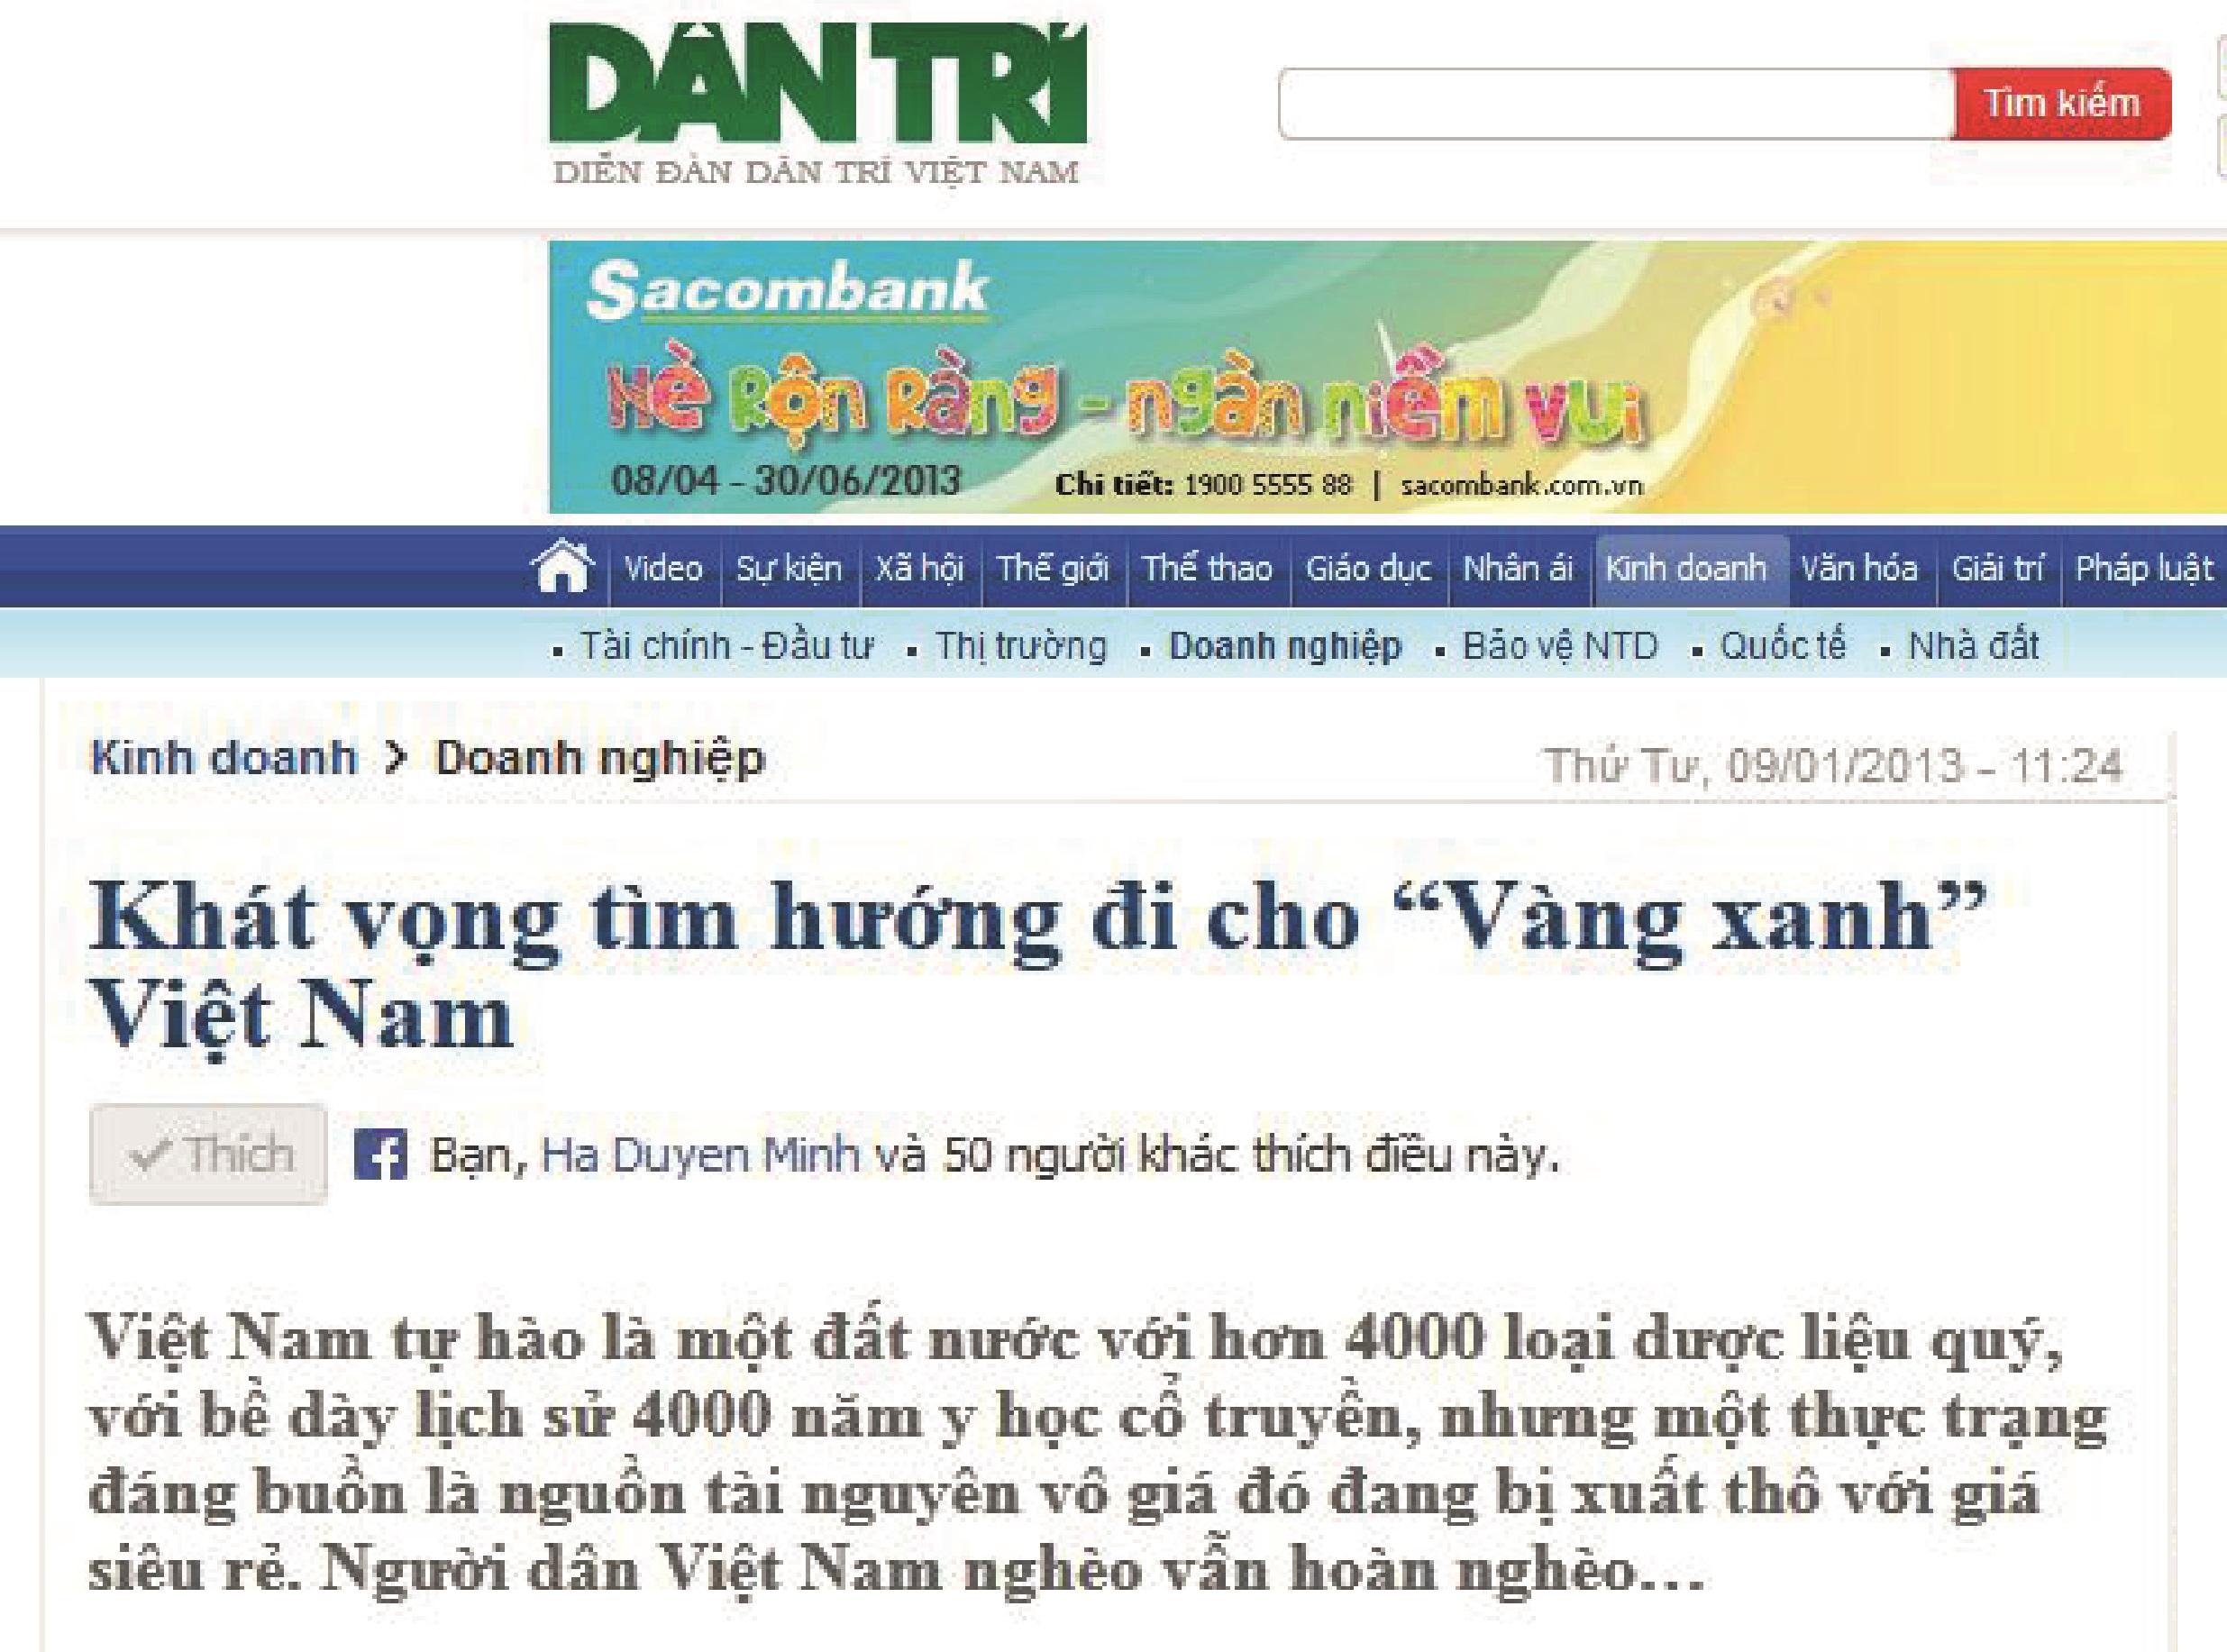 """Báo Dân Trí: """"Khát vọng tìm hướng đi cho """"Vàng xanh"""" Việt Nam"""""""